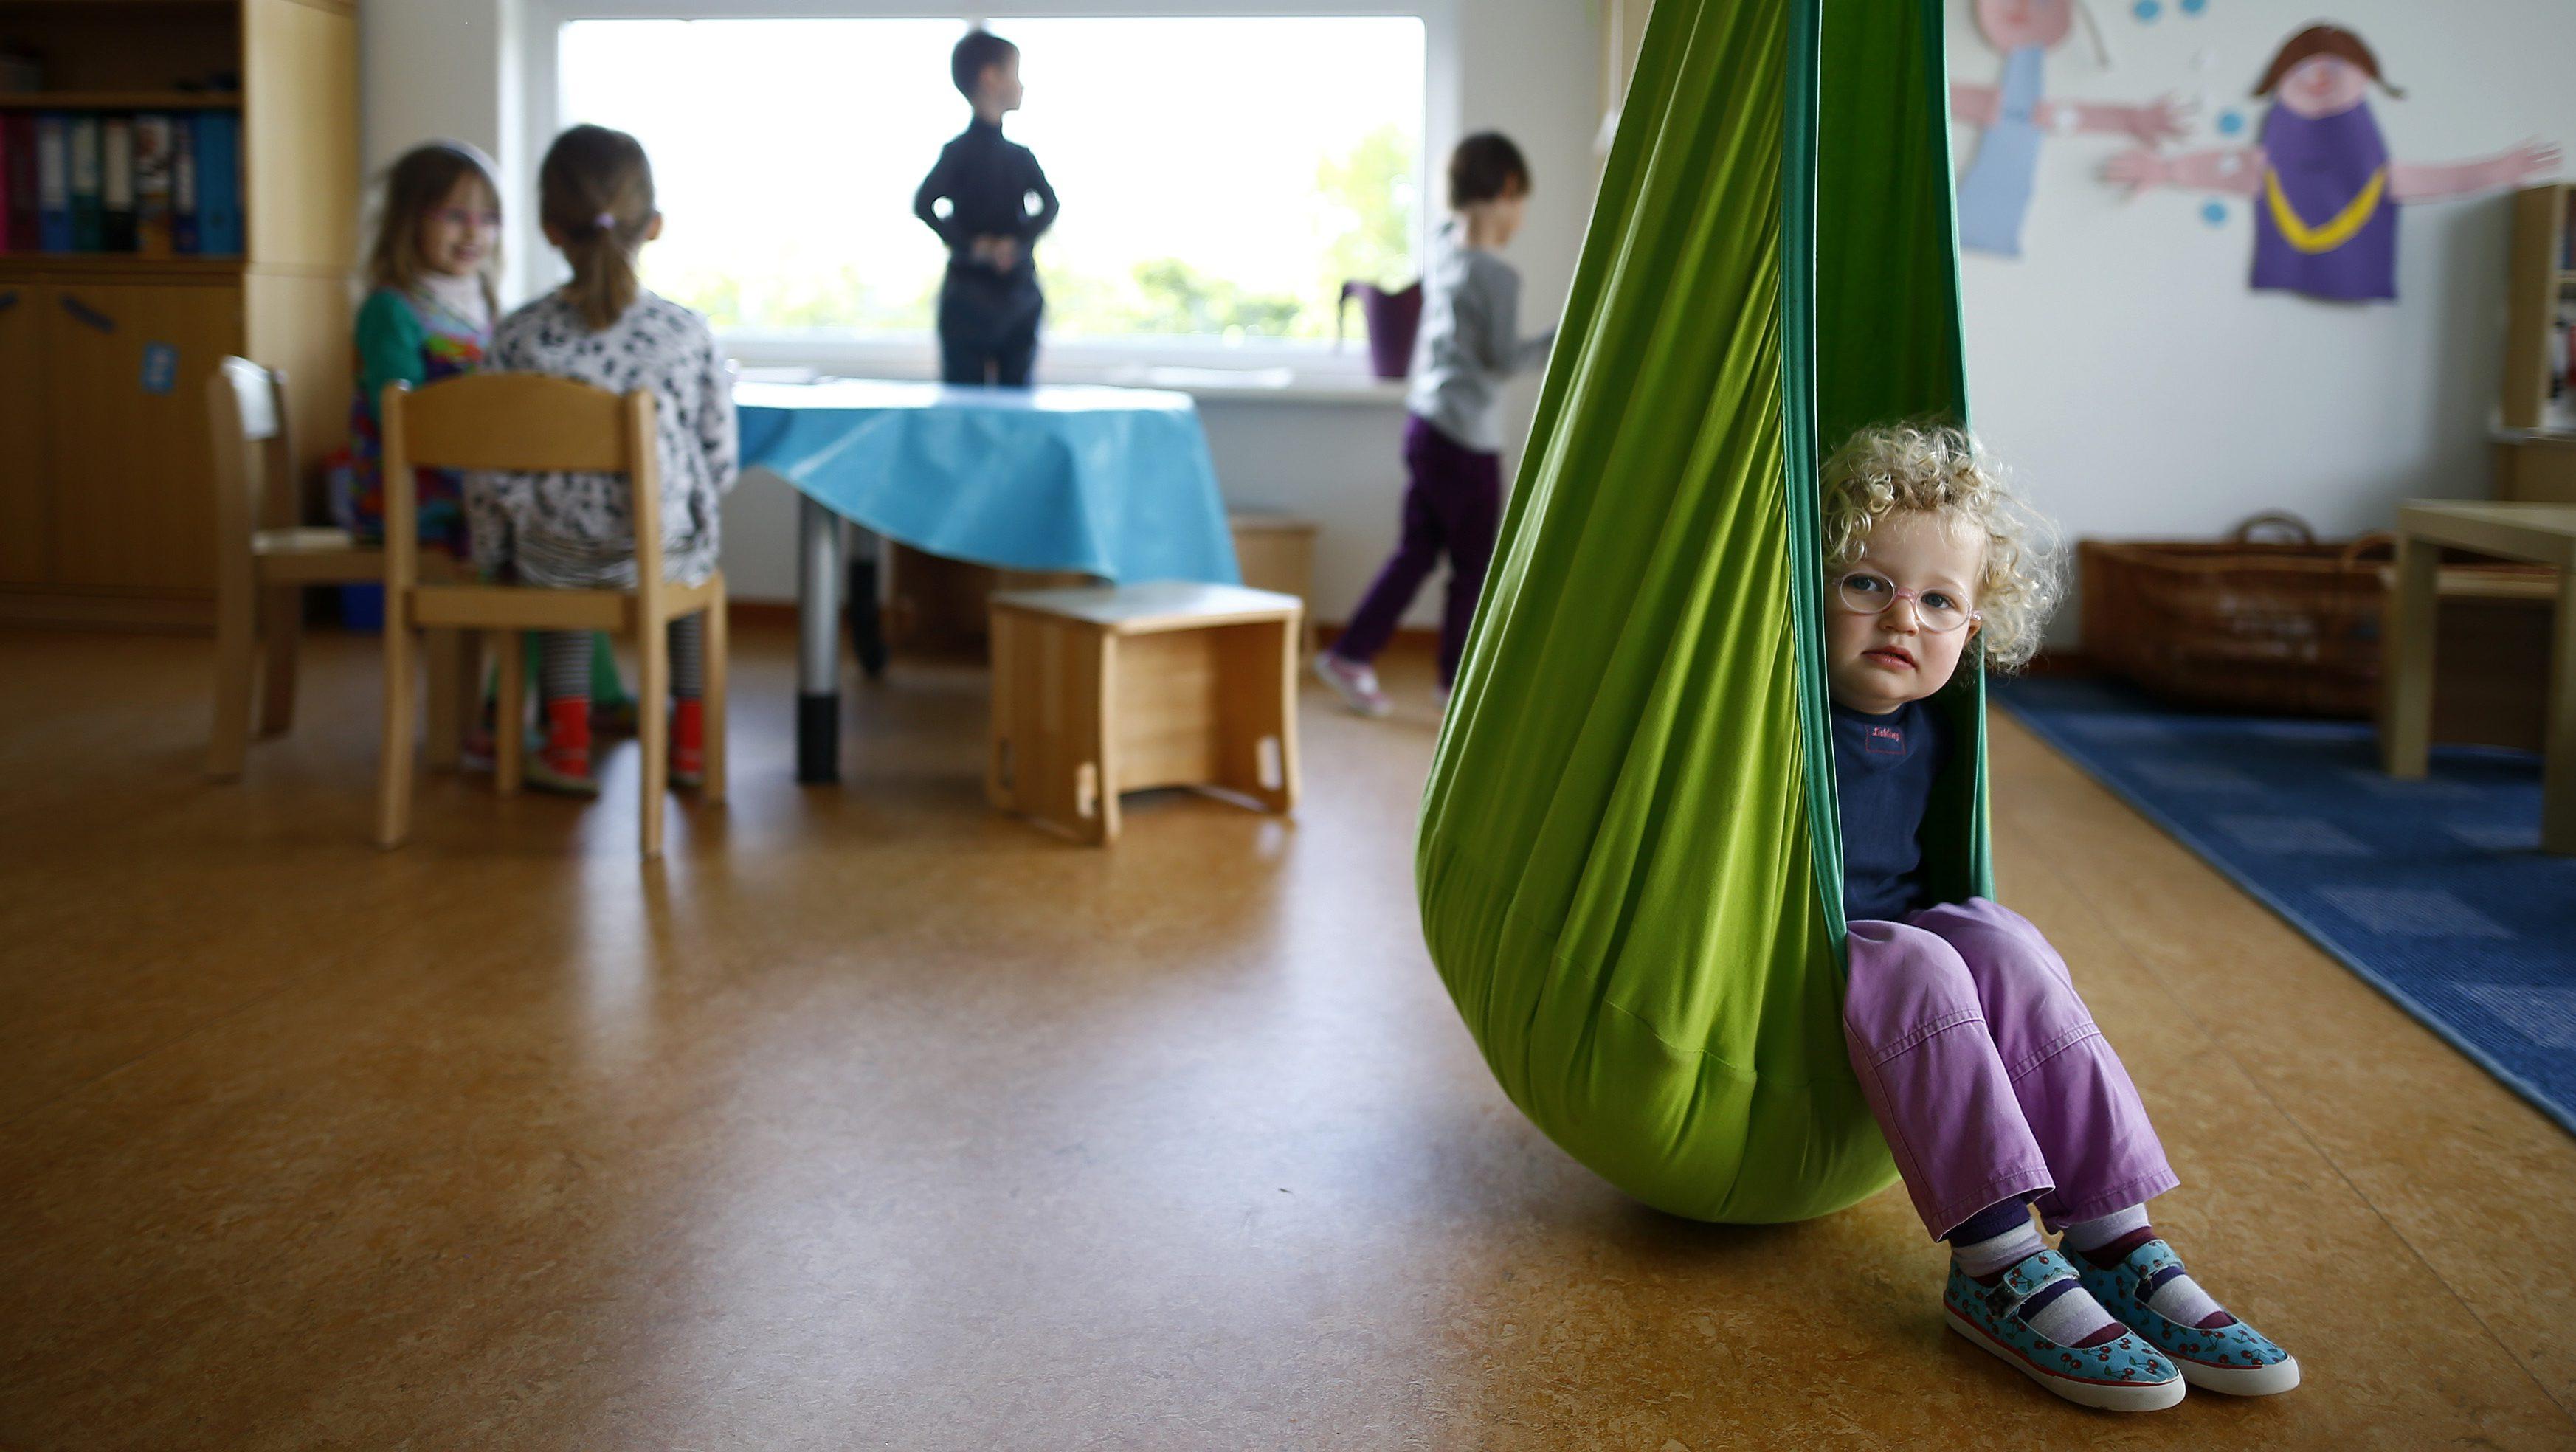 Children play in their kindergarten